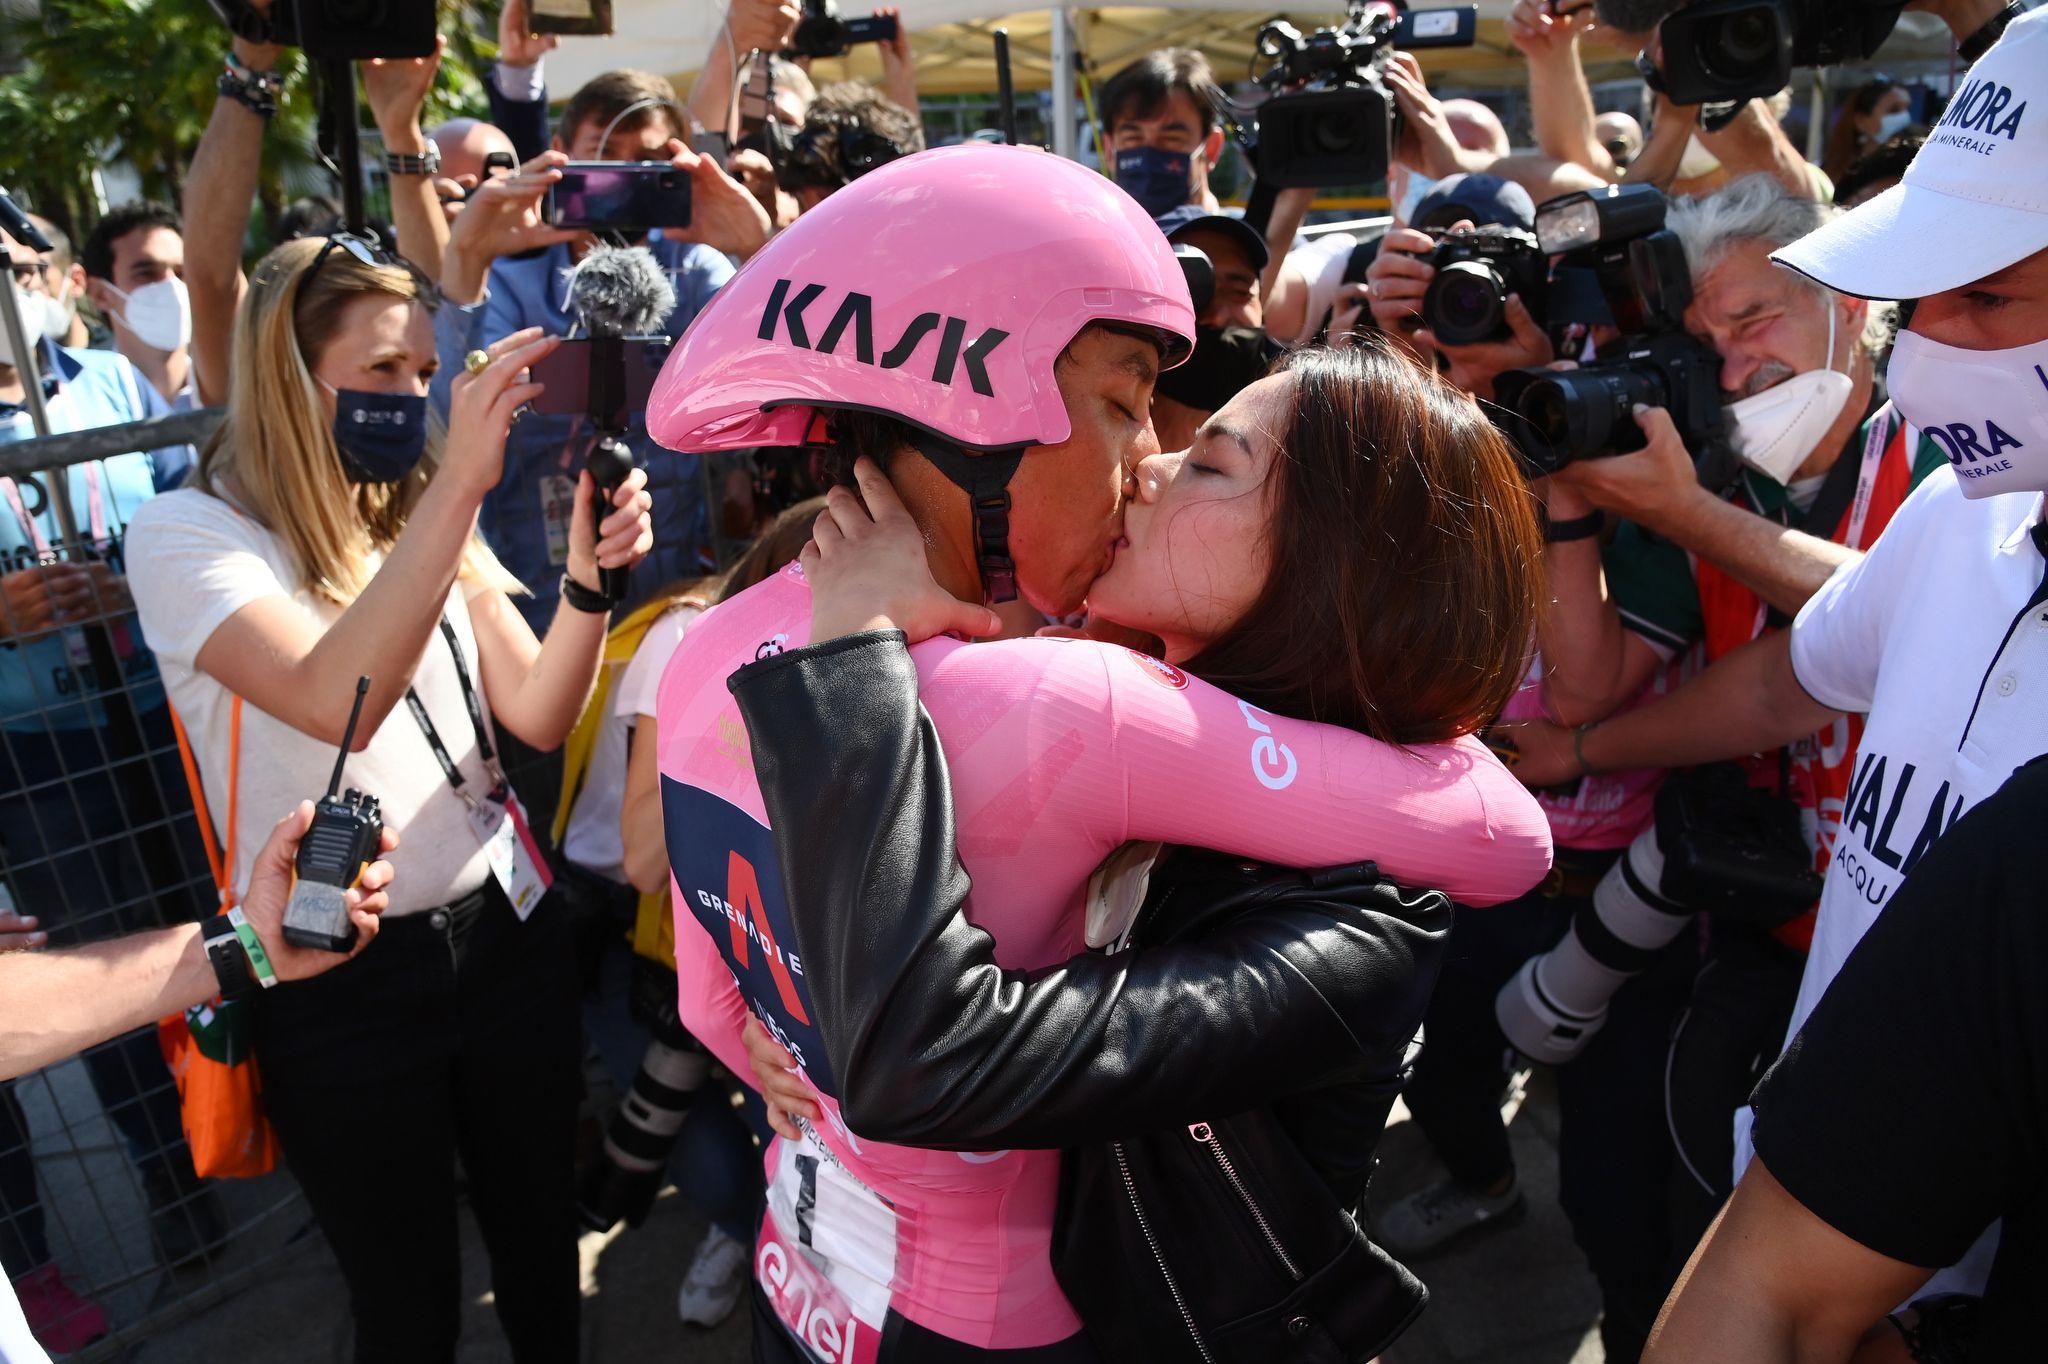 GIRO D'ITALIA - Egan Bernal racconta: «Con questo Giro ho ritrovato quello che volevo, correre divertendomi» - FOTO